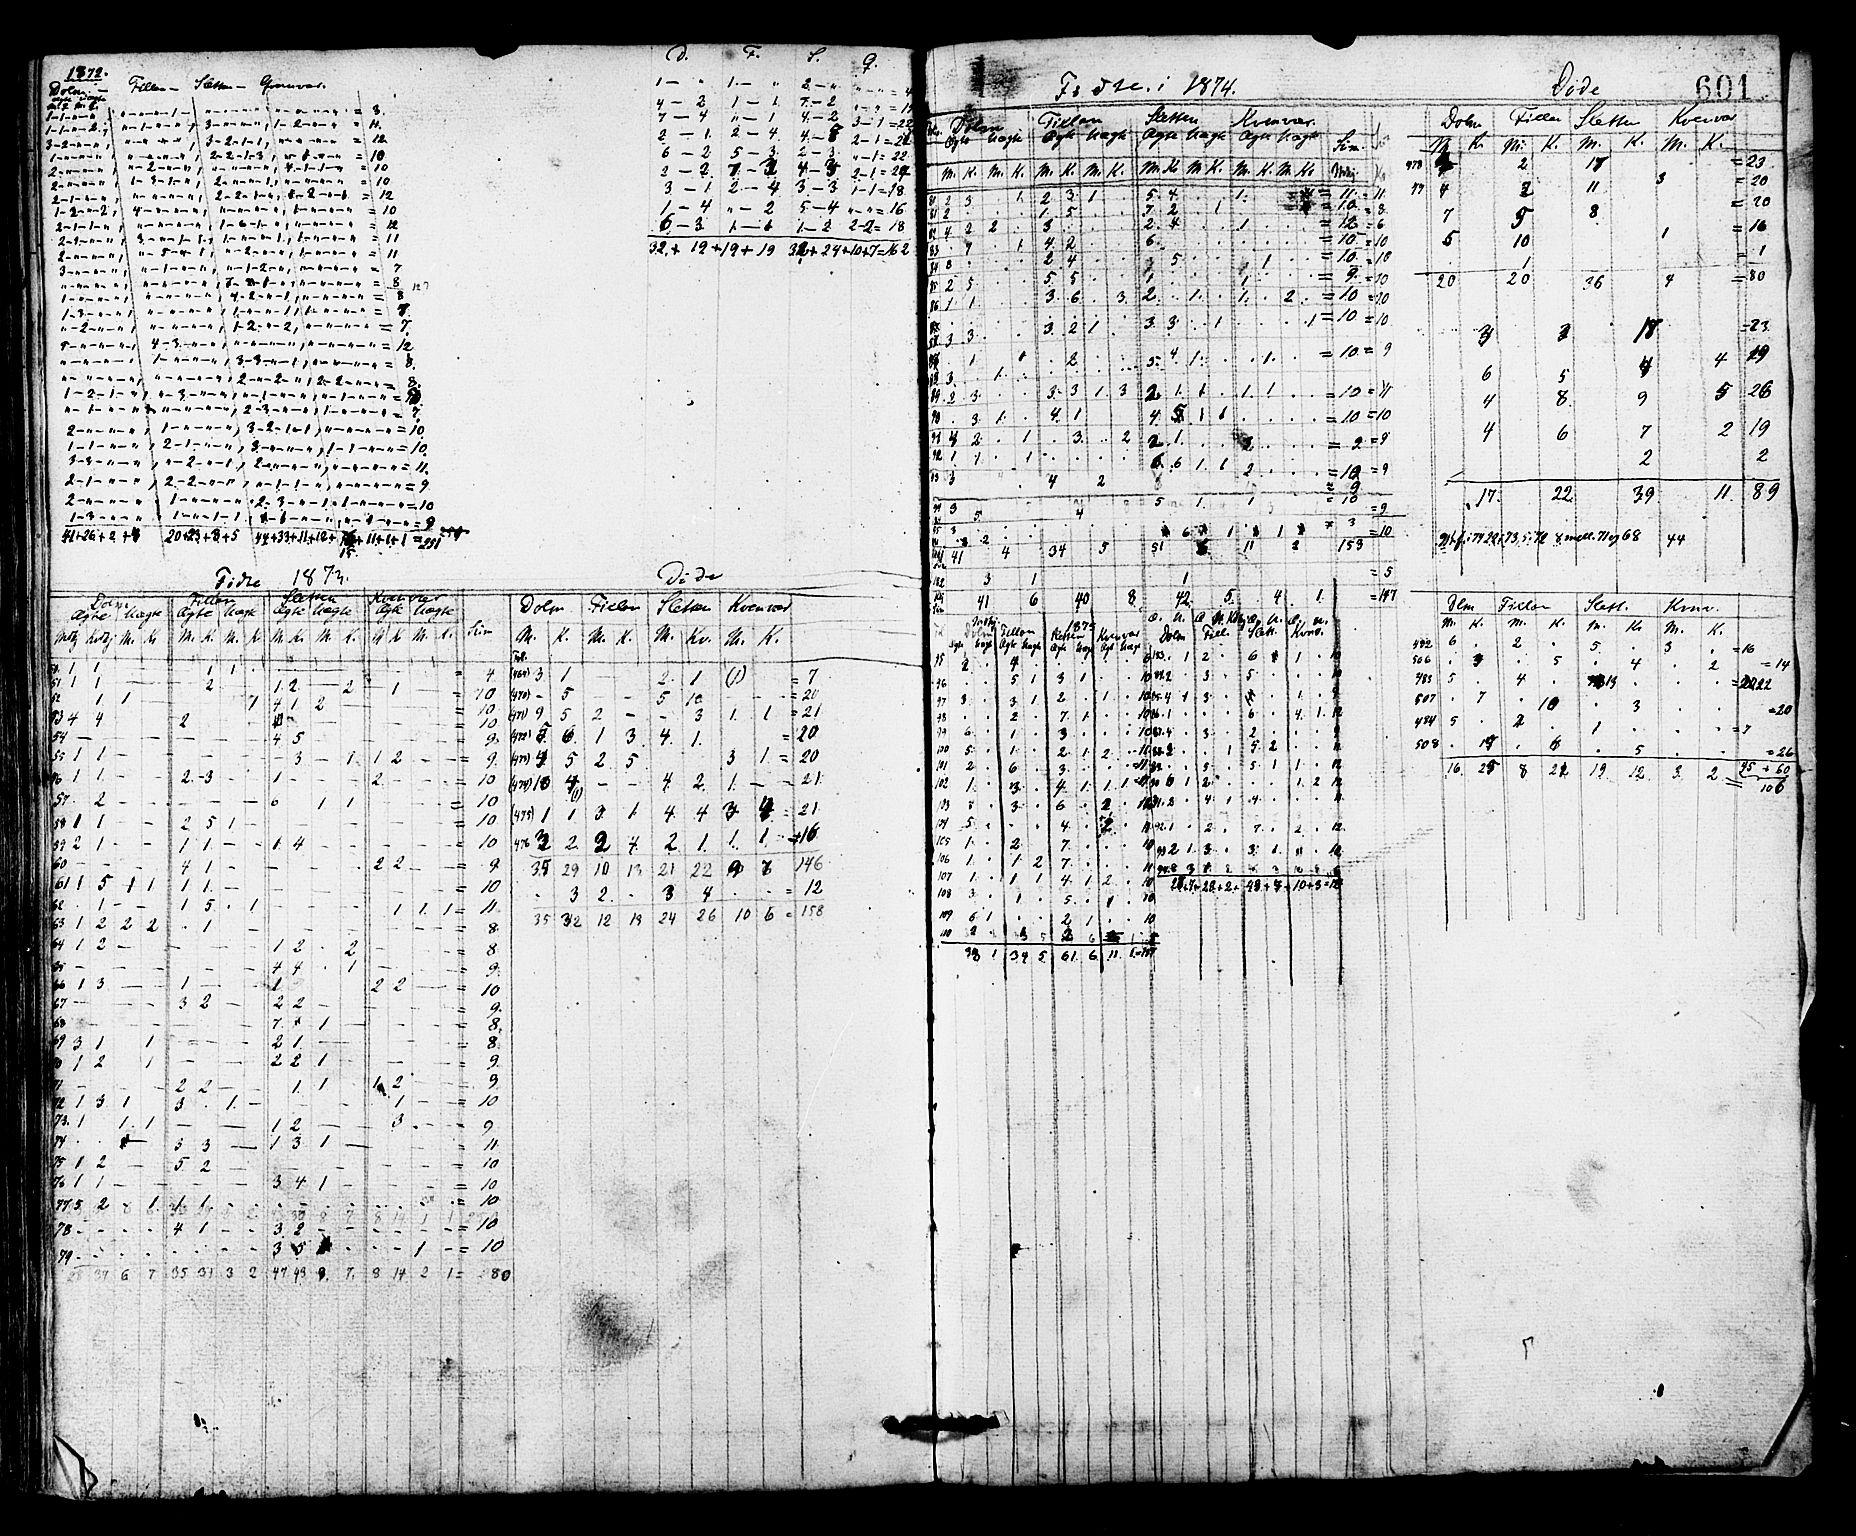 SAT, Ministerialprotokoller, klokkerbøker og fødselsregistre - Sør-Trøndelag, 634/L0532: Ministerialbok nr. 634A08, 1871-1881, s. 601